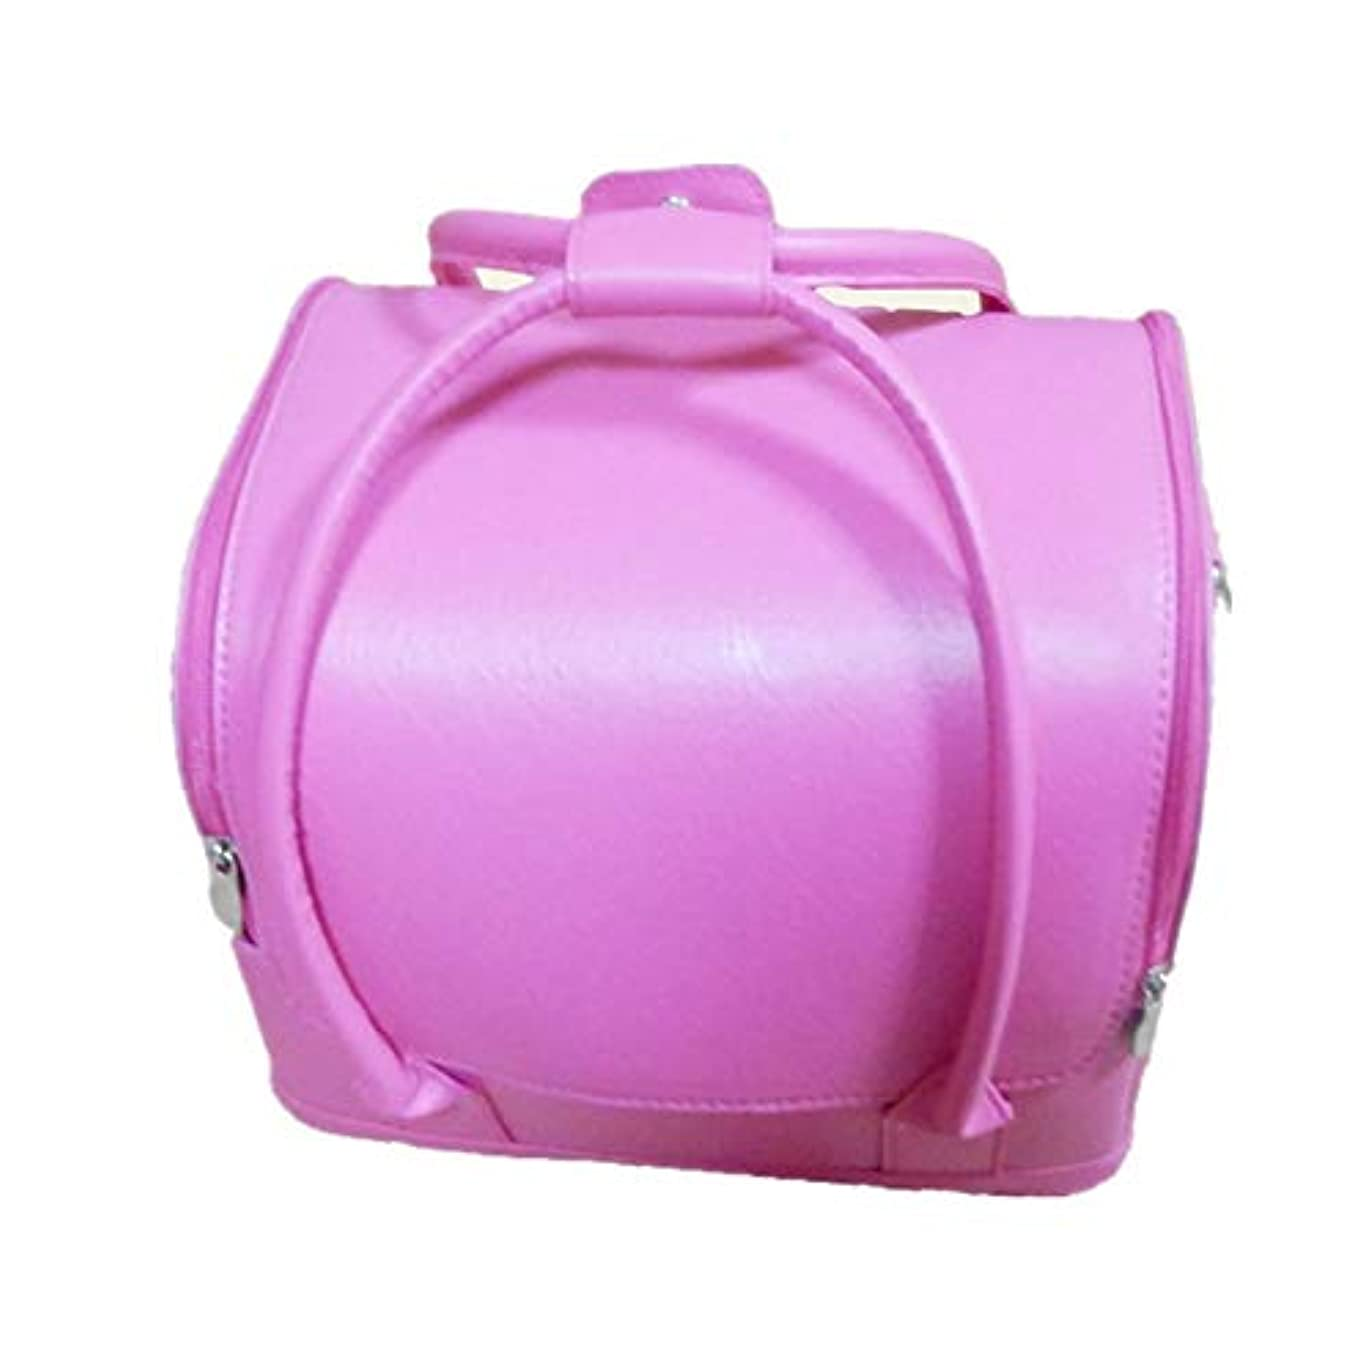 充電内なる女性化粧オーガナイザーバッグ 美しいメイクアップのための純粋な色ポータブル化粧品袋と女性の女性の旅行とジッパーで毎日のストレージ 化粧品ケース